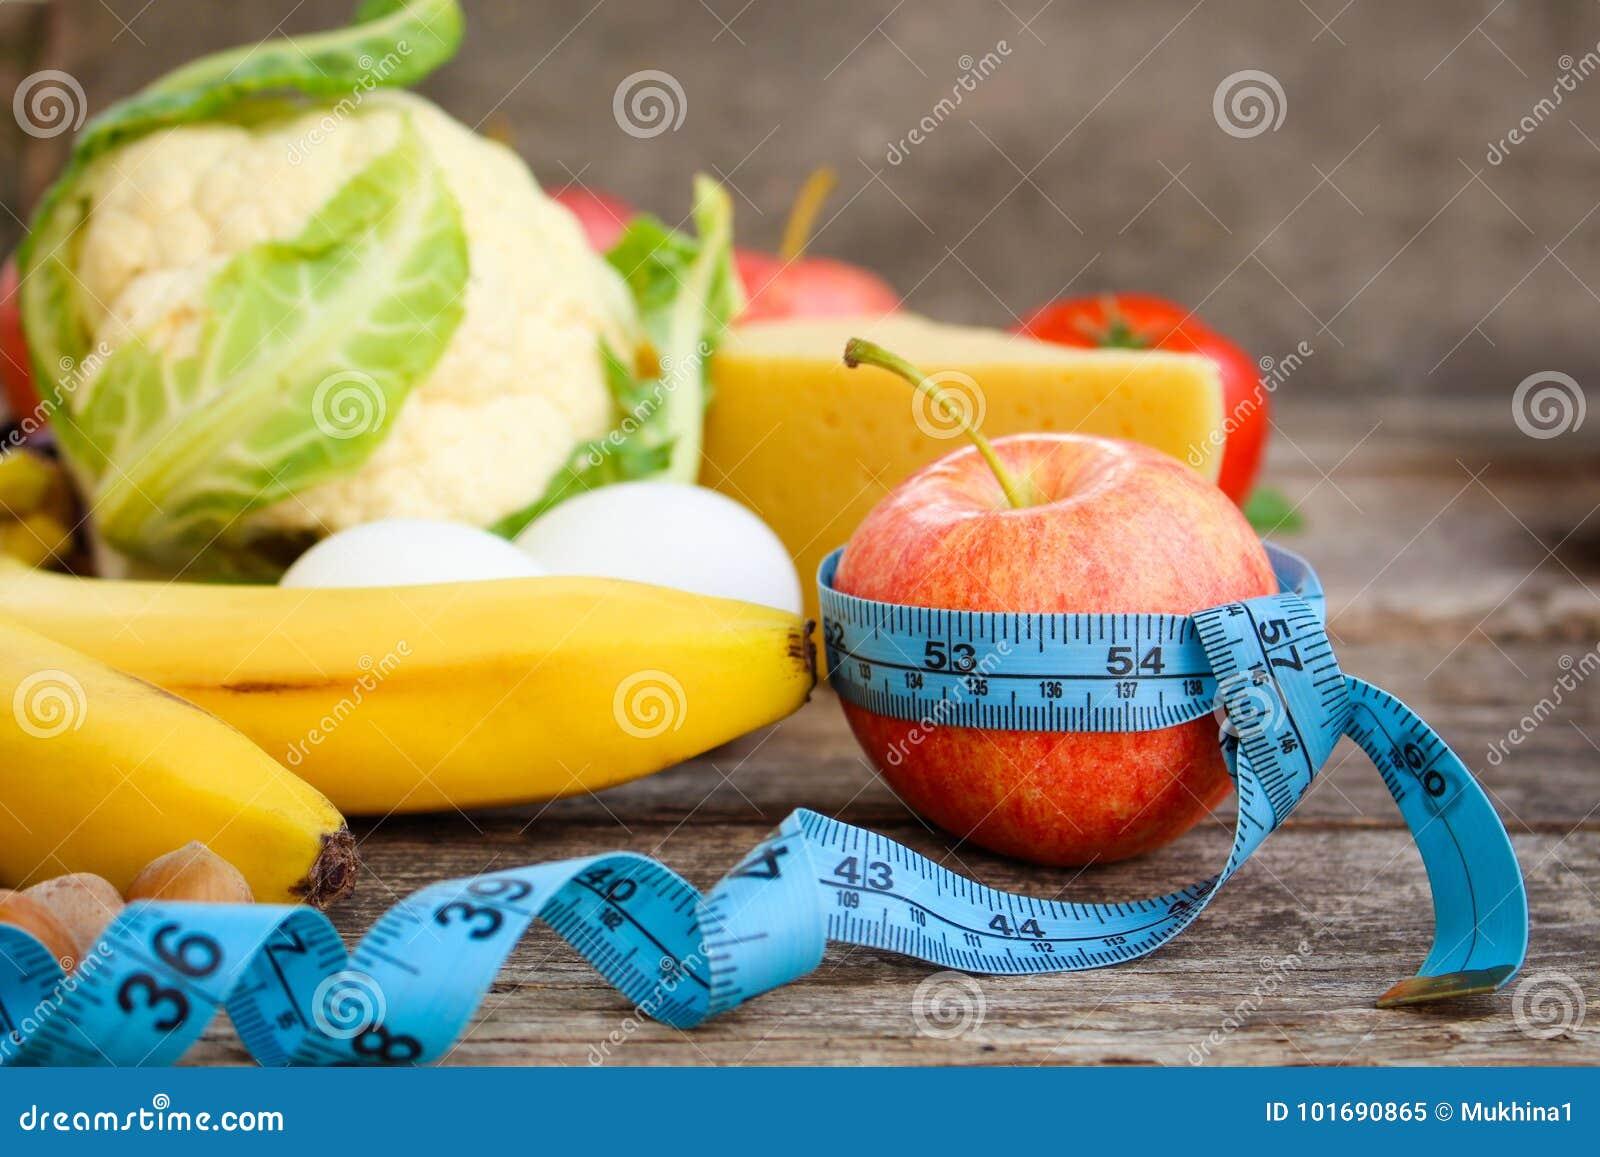 Diet Mukhina